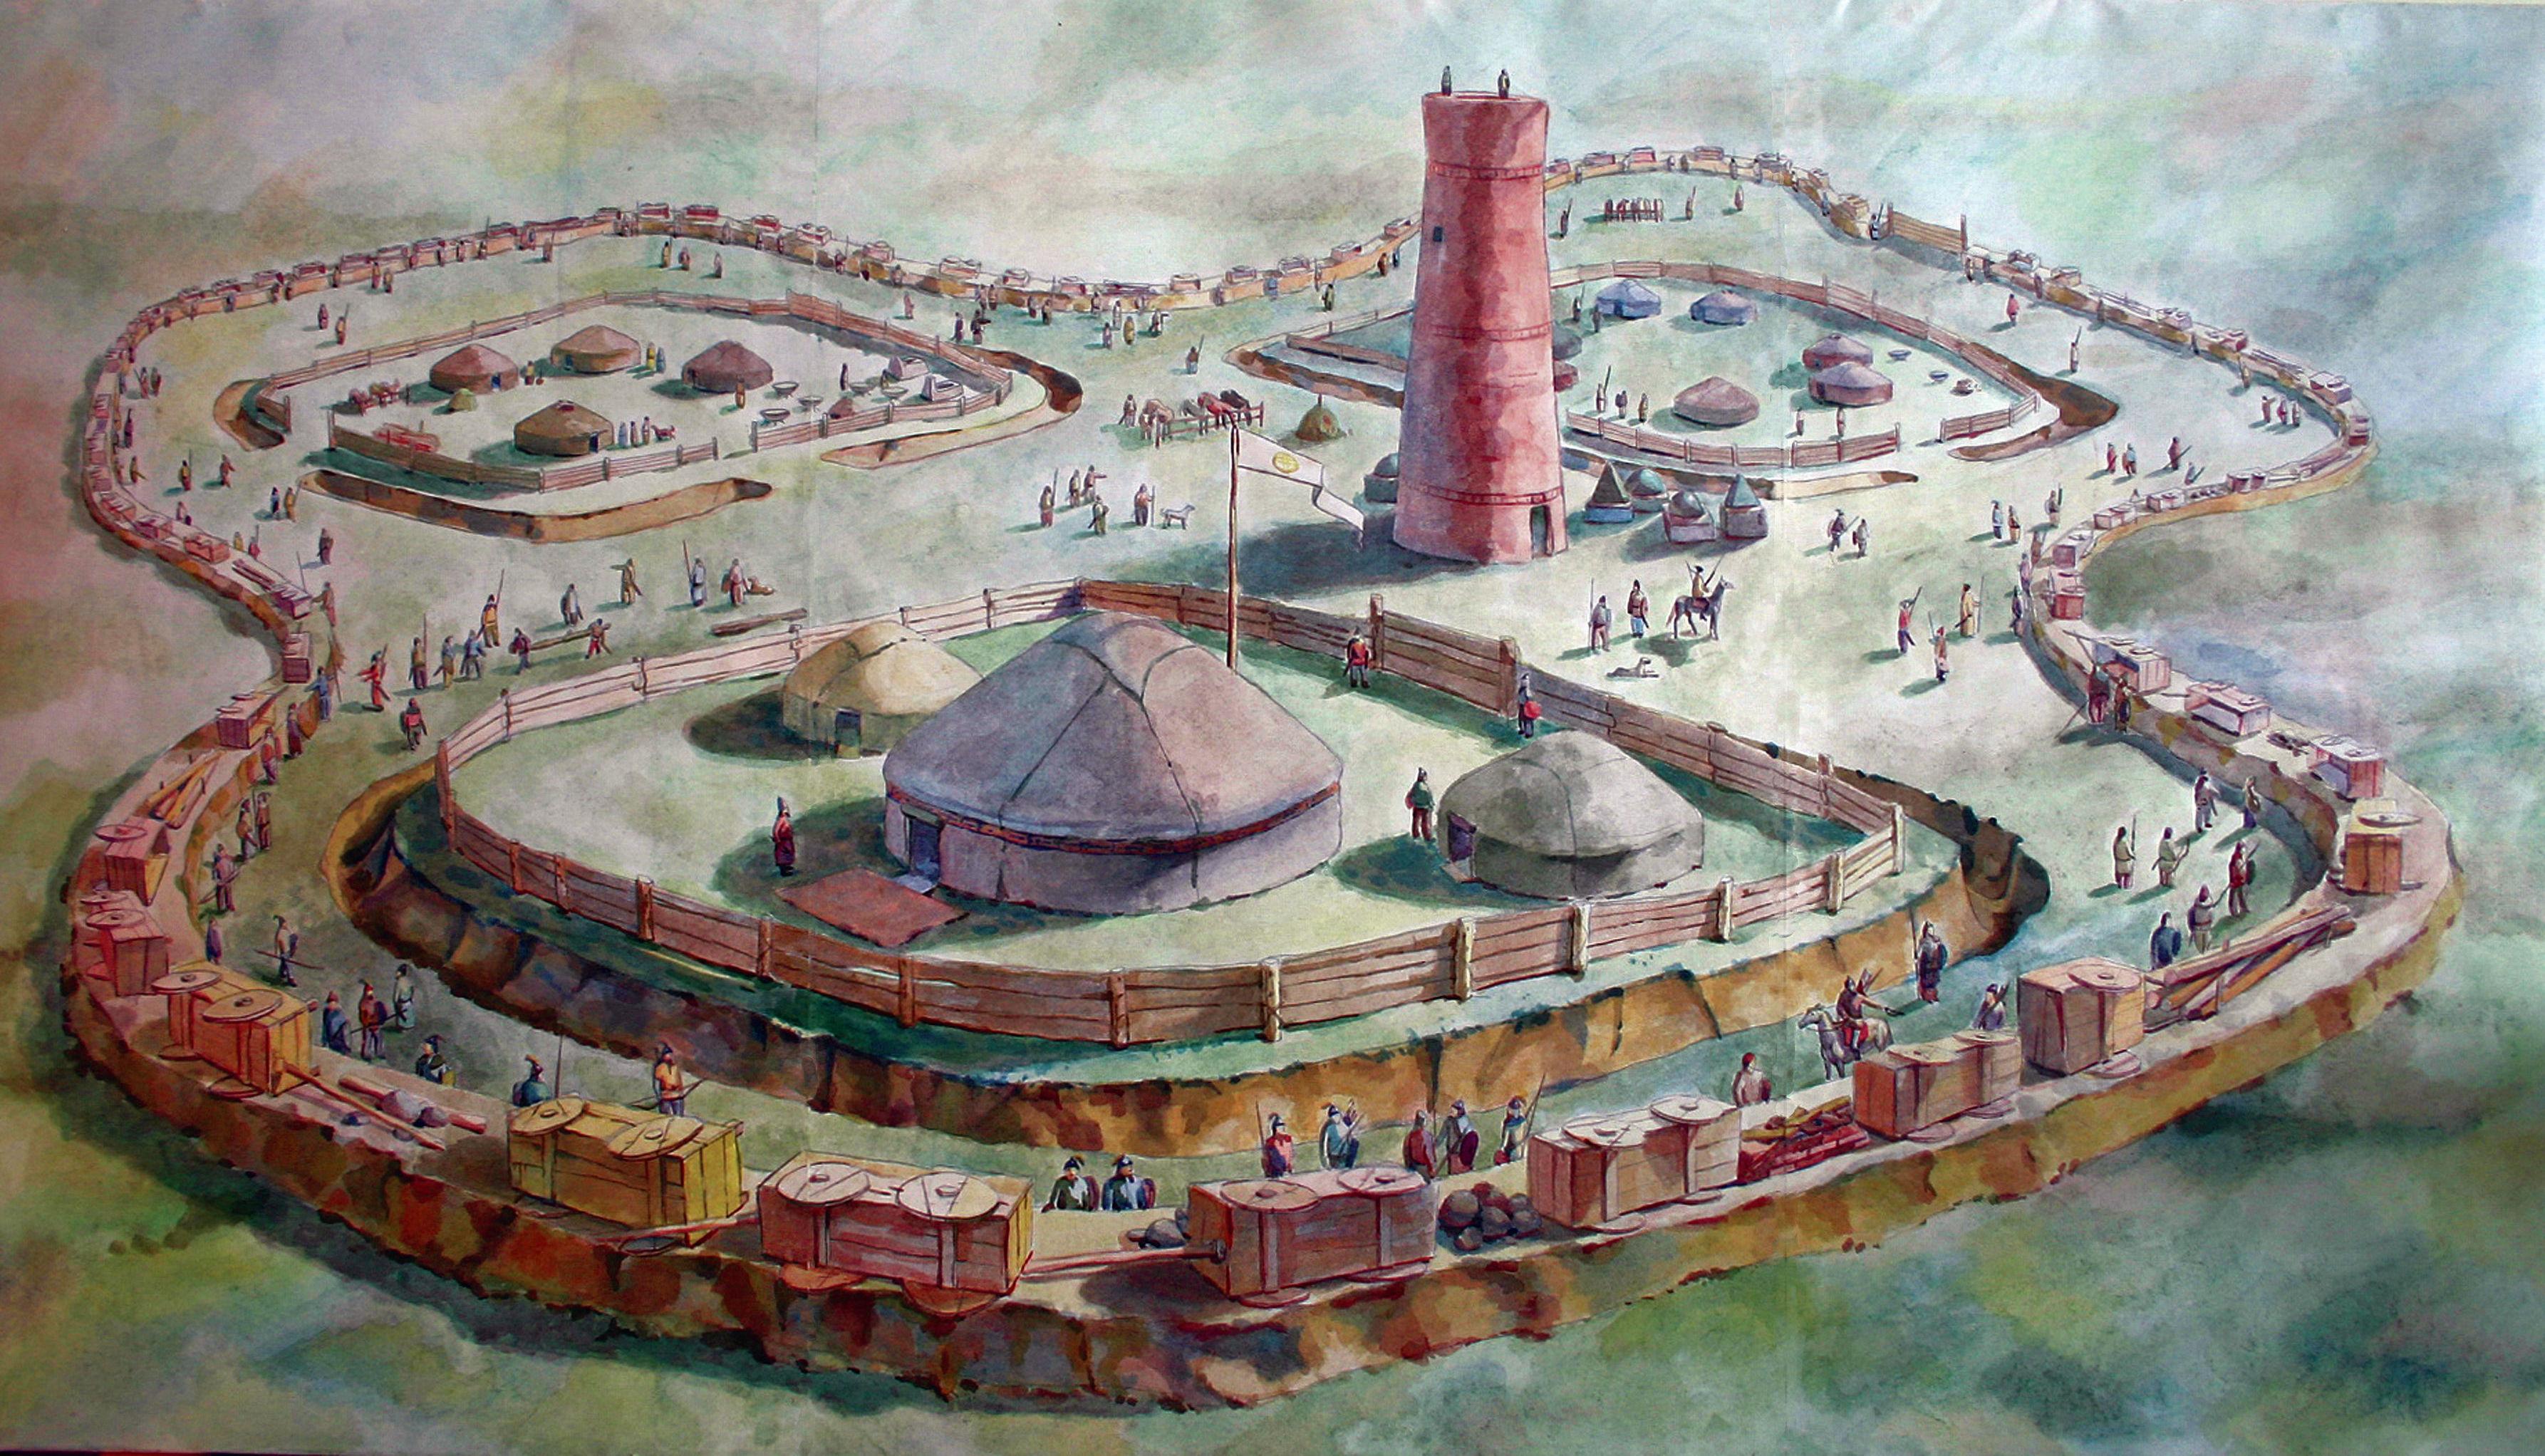 История городища Бозок началась в древнетюркскую эпоху